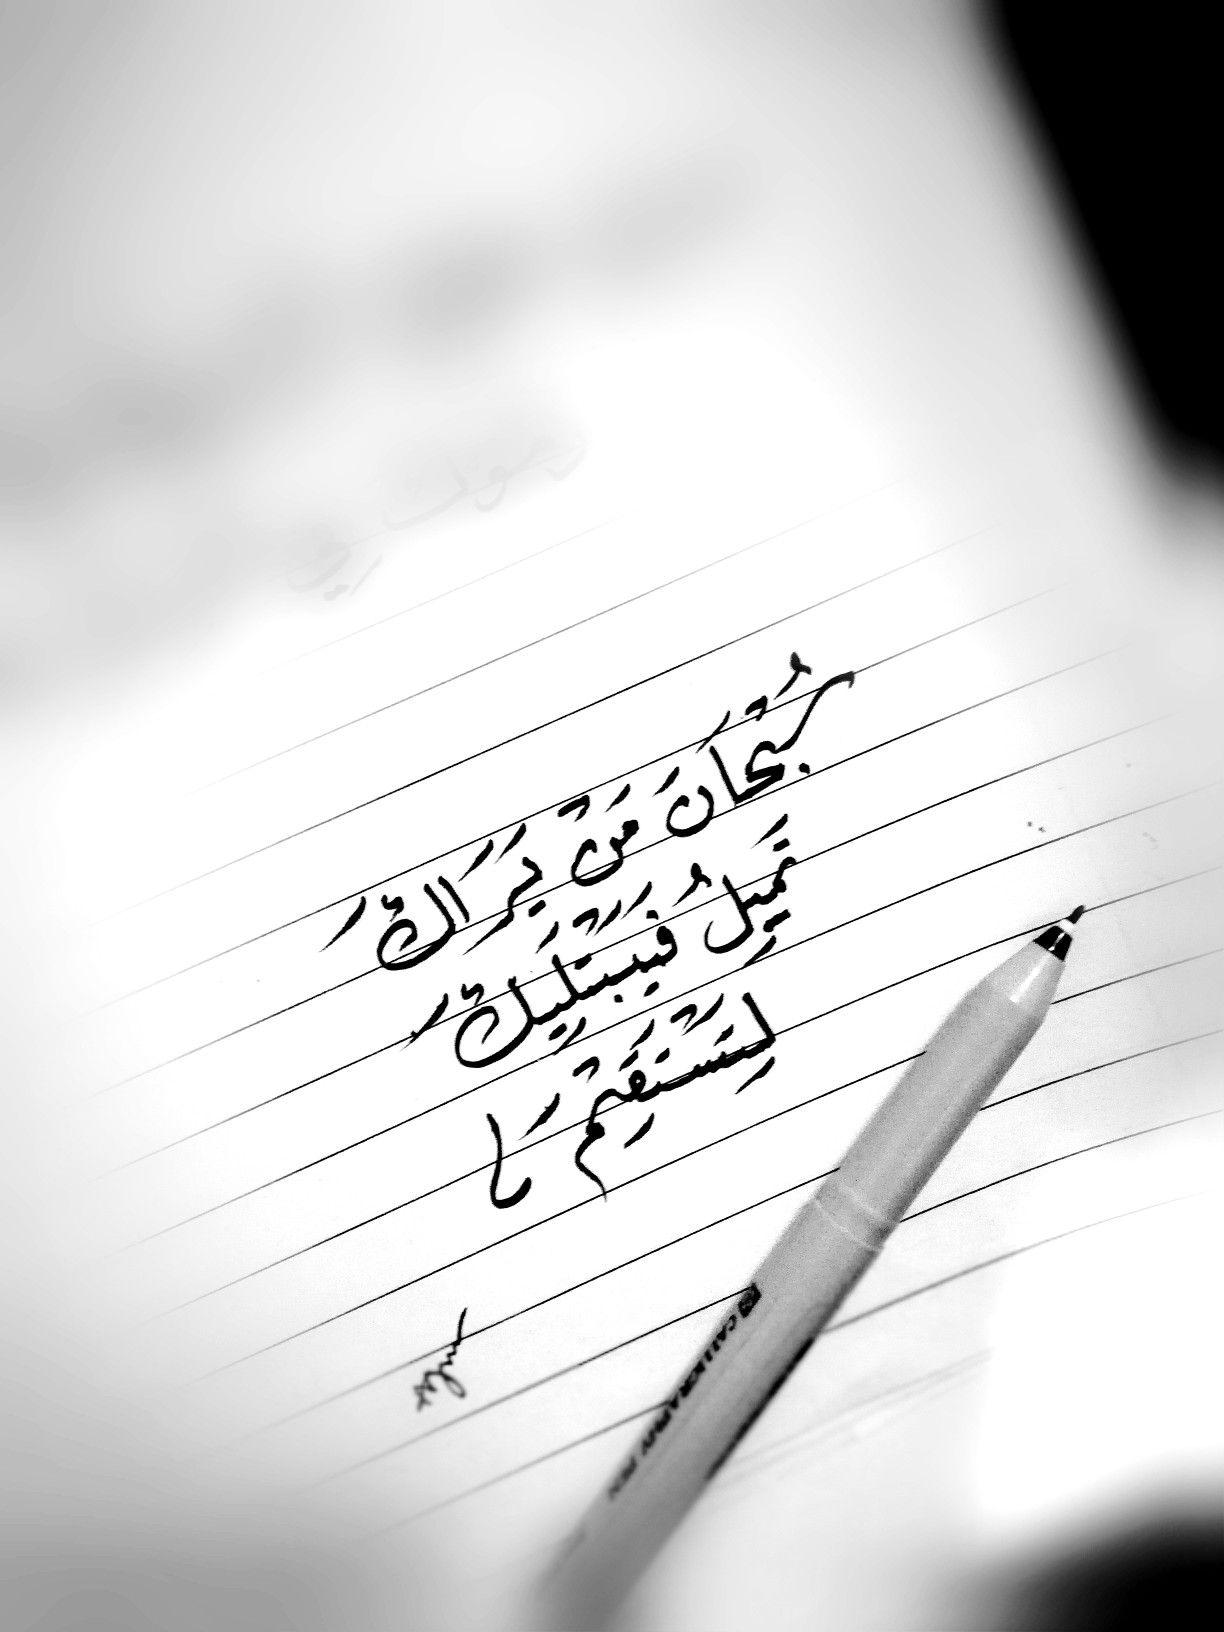 سبحان من يراك تميل فيبتليك لتستقيم Arabic Calligraphy Calligraphy Handwriting